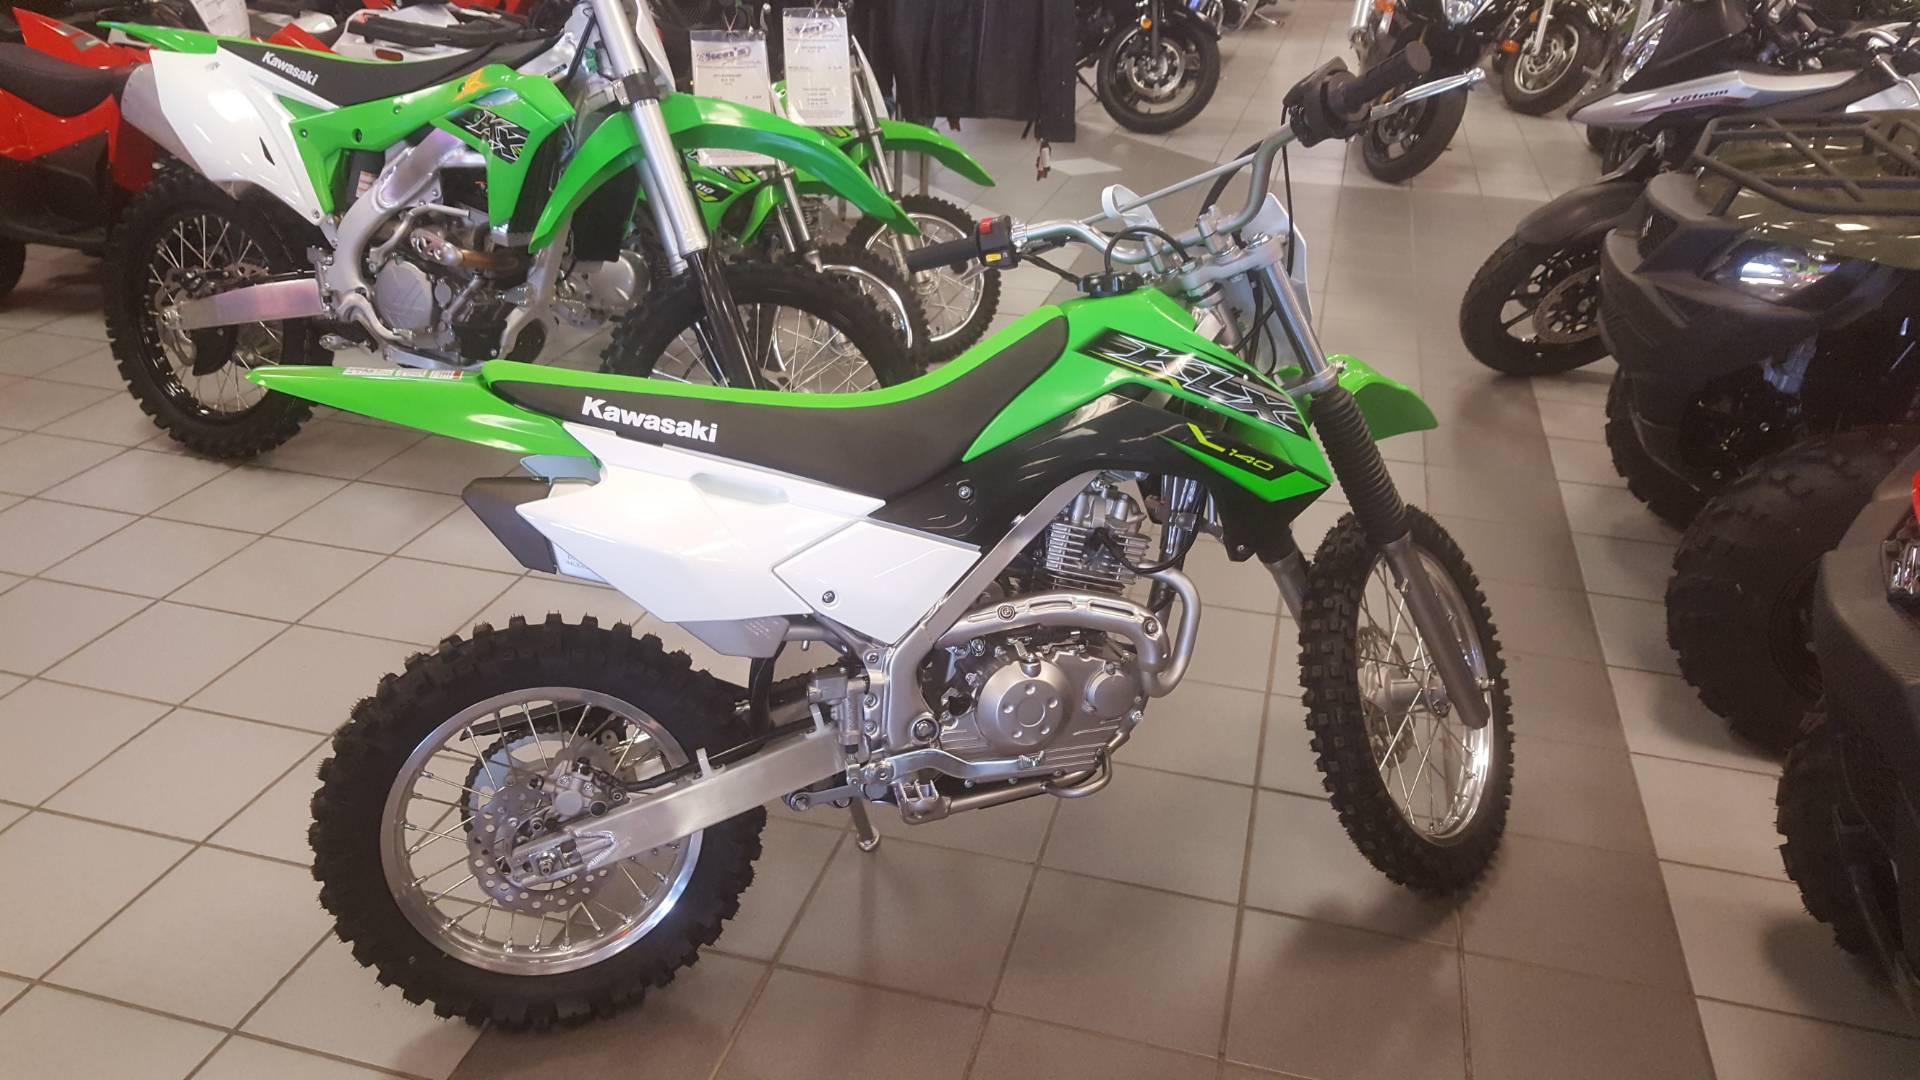 2019 Kawasaki KLX 140 for sale 2604